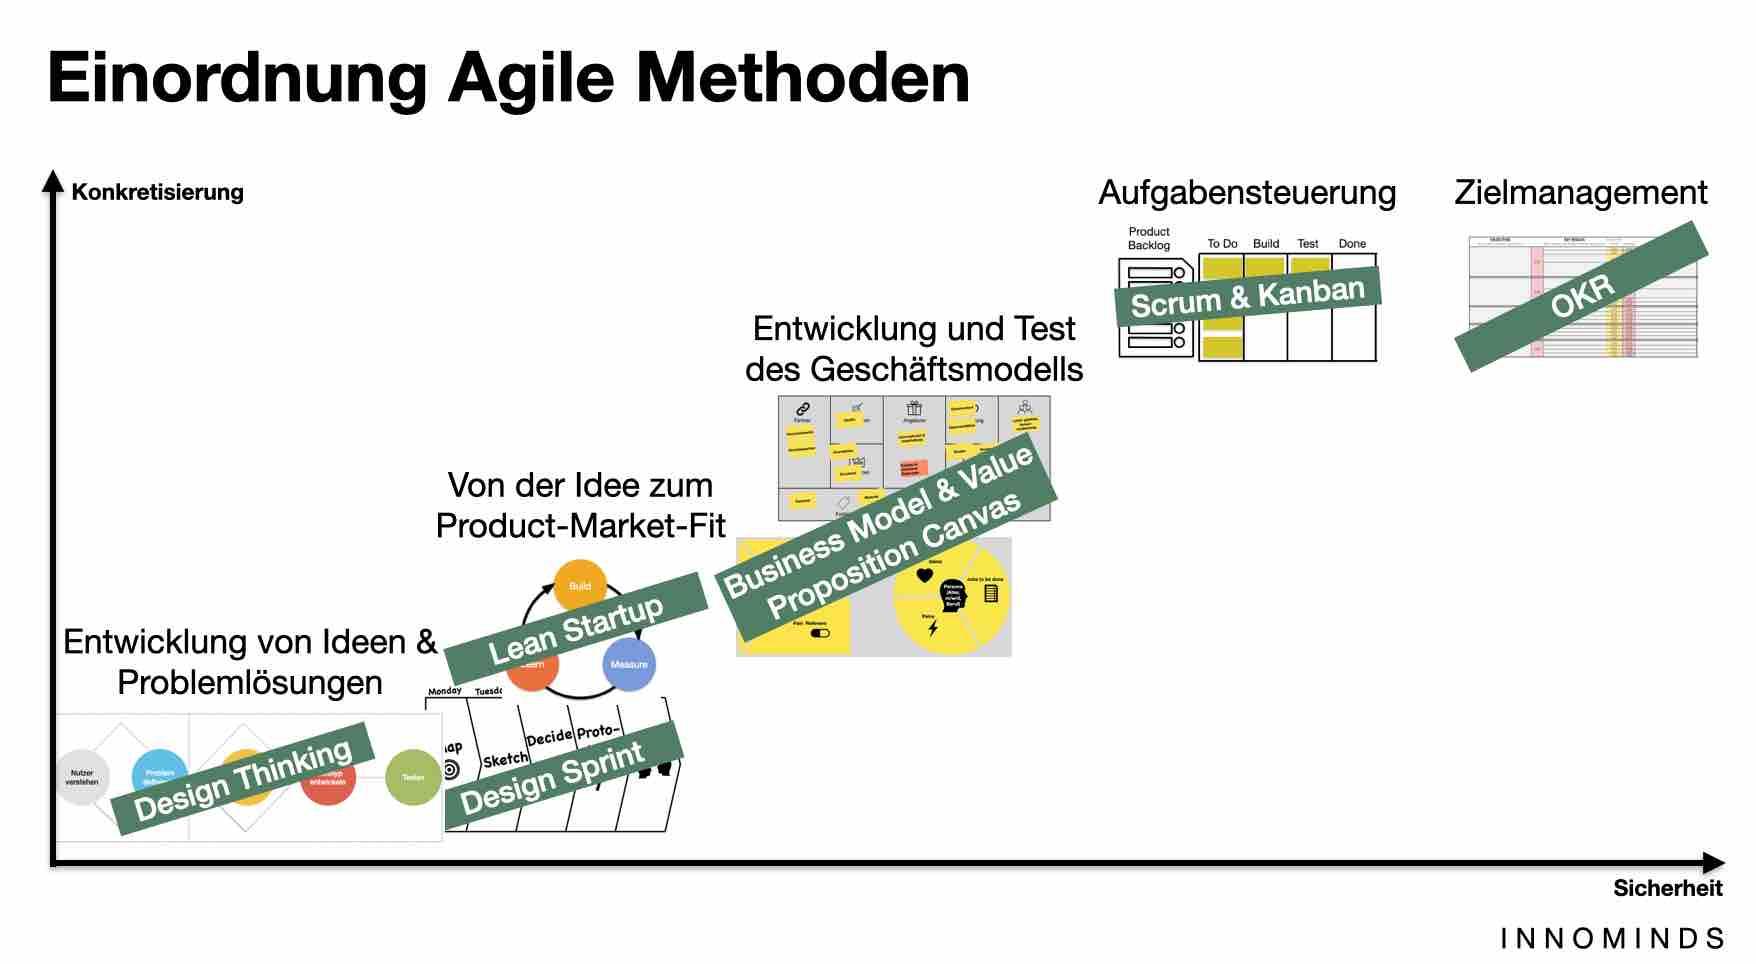 agile methoden übersicht